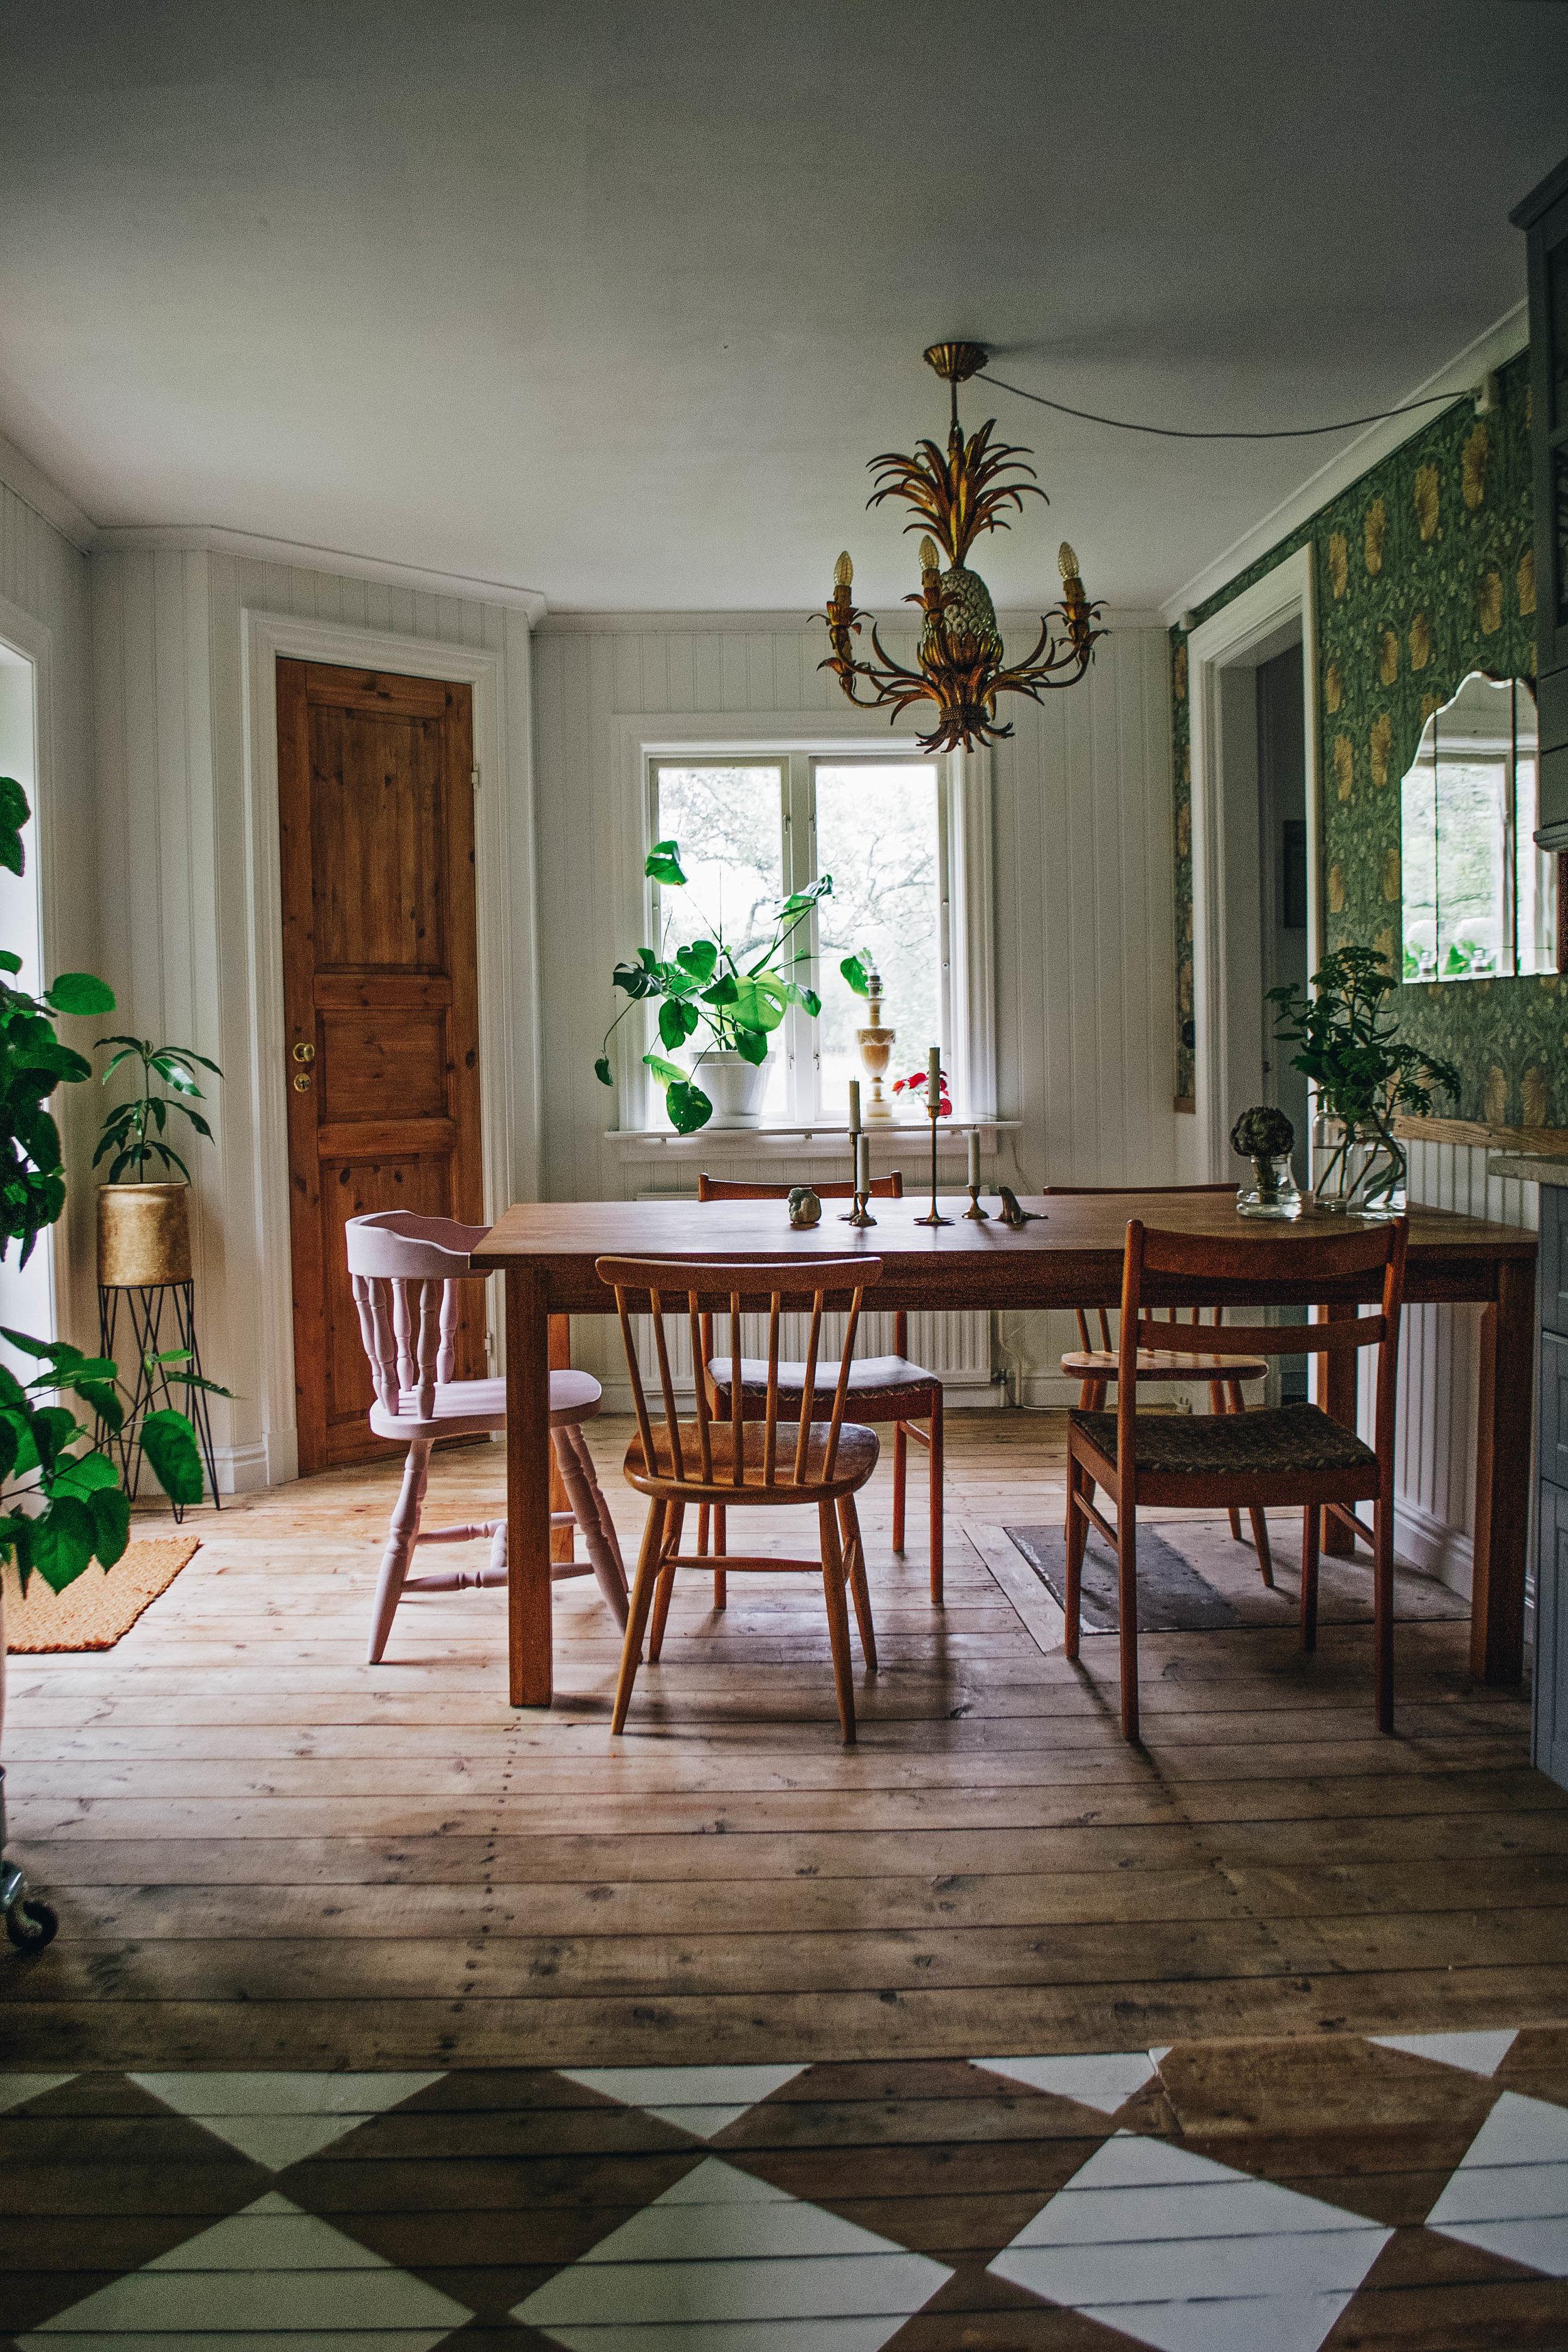 plathuset-kitchen.jpg